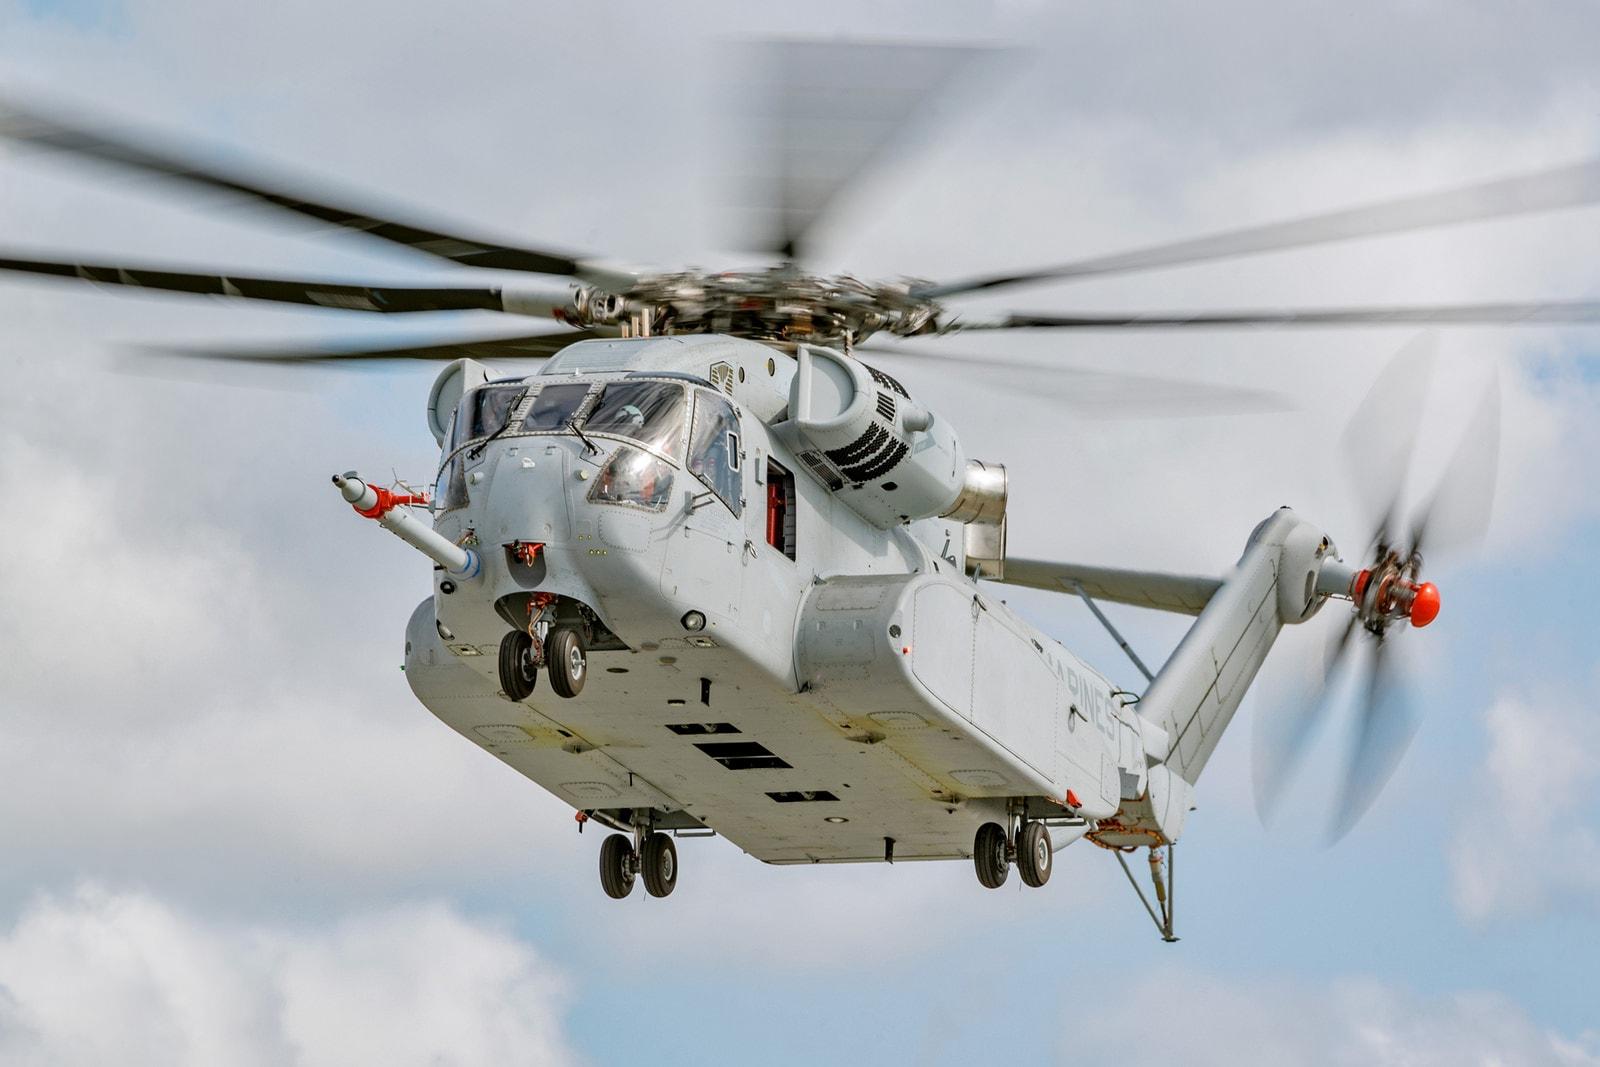 Elicottero Usa : Usa elicottero della marina si schianta in california